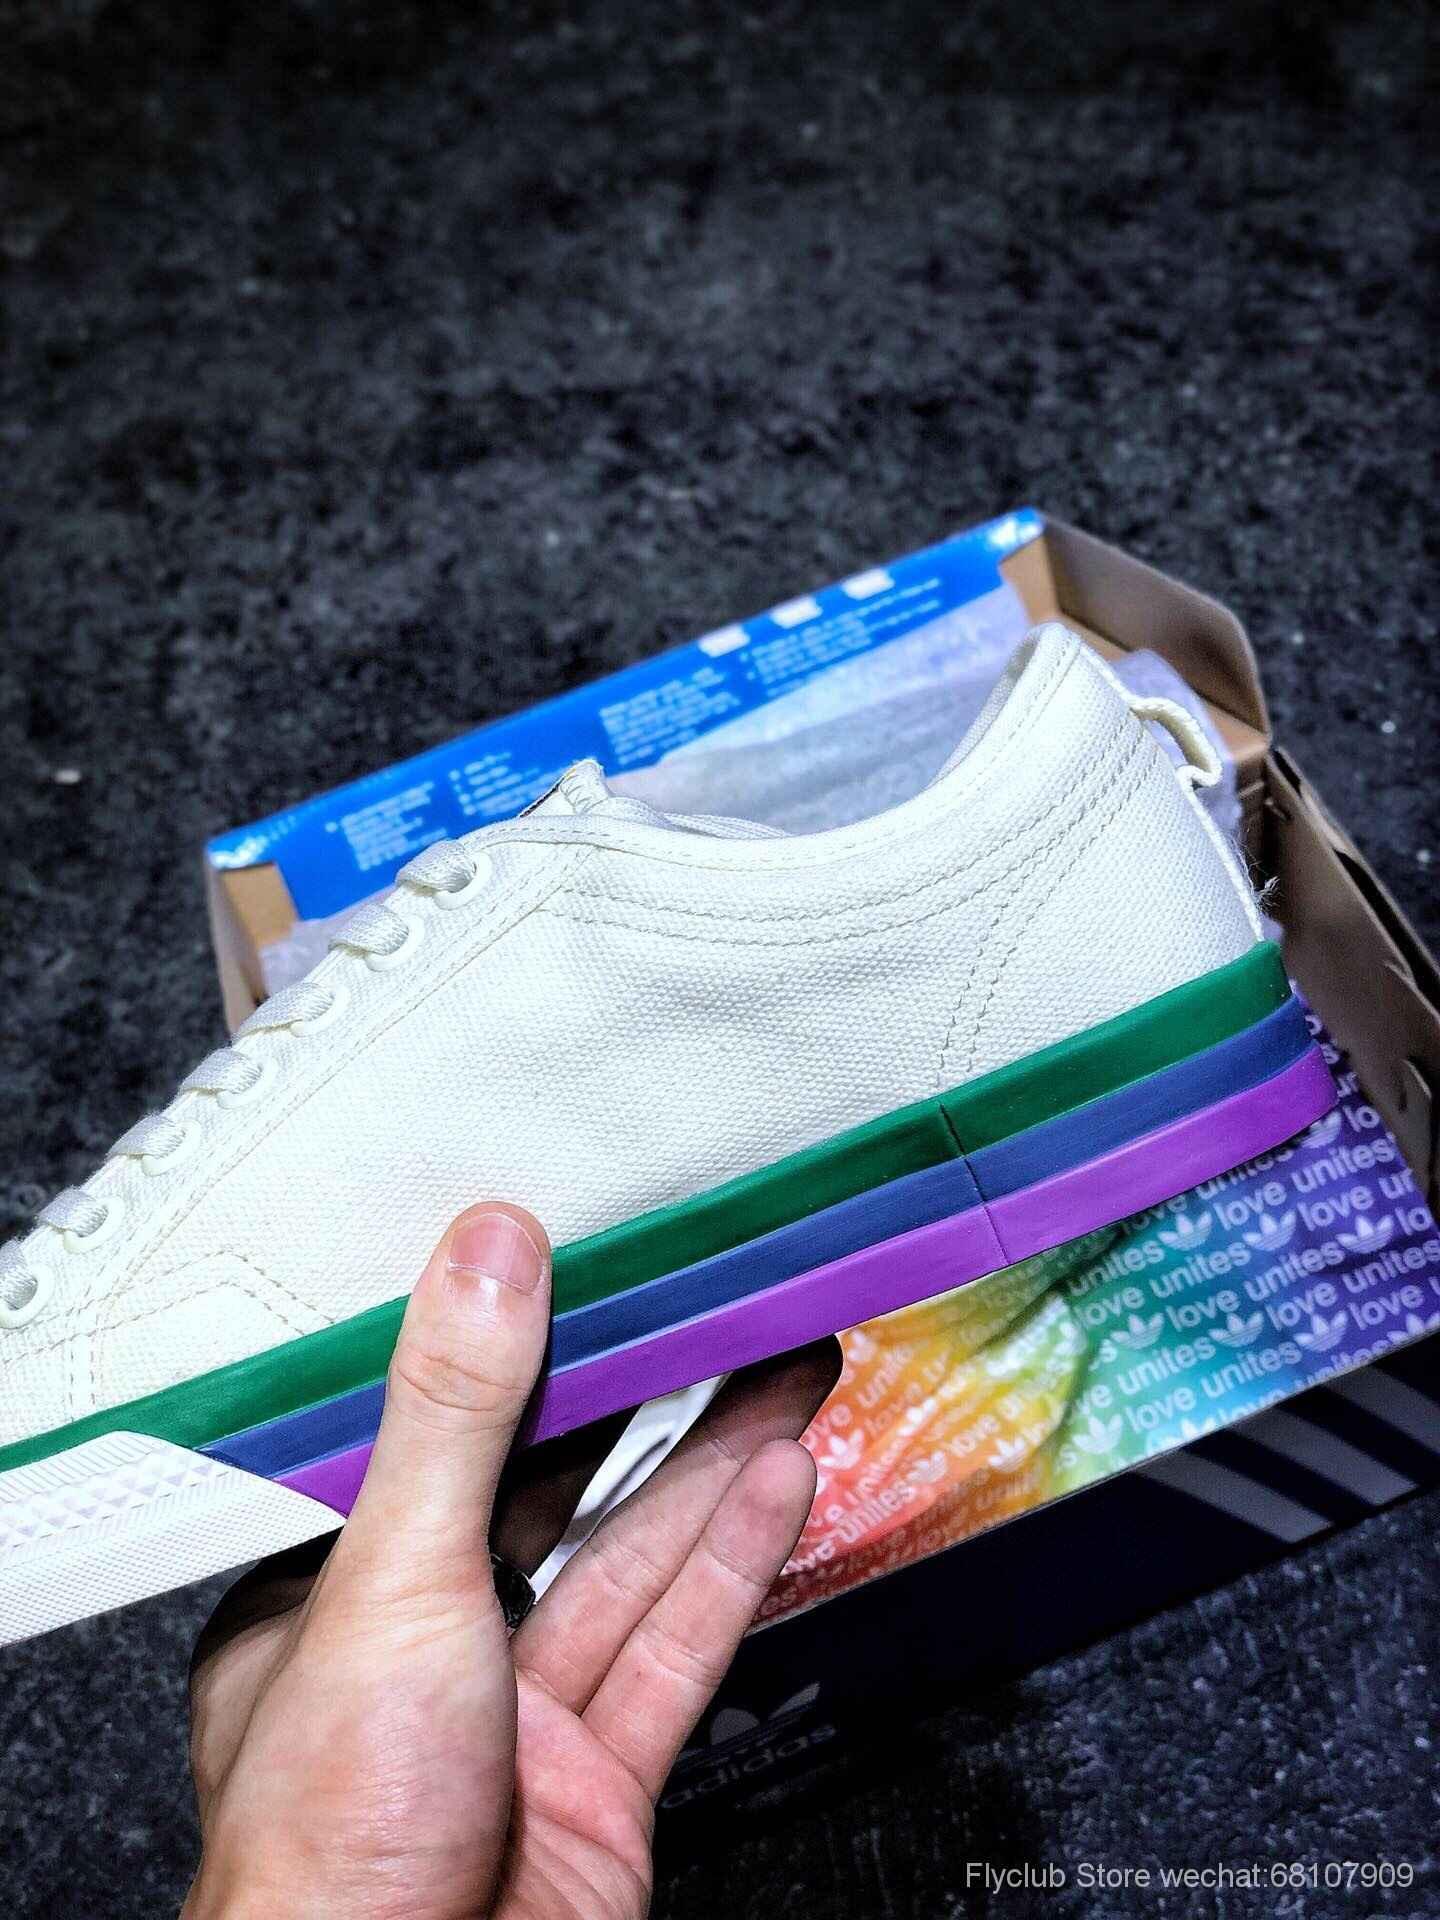 小红书爆款 Adidas Nizza 校园板鞋 三叶草校园风板鞋 最新配色鸳鸯彩虹帆布鞋